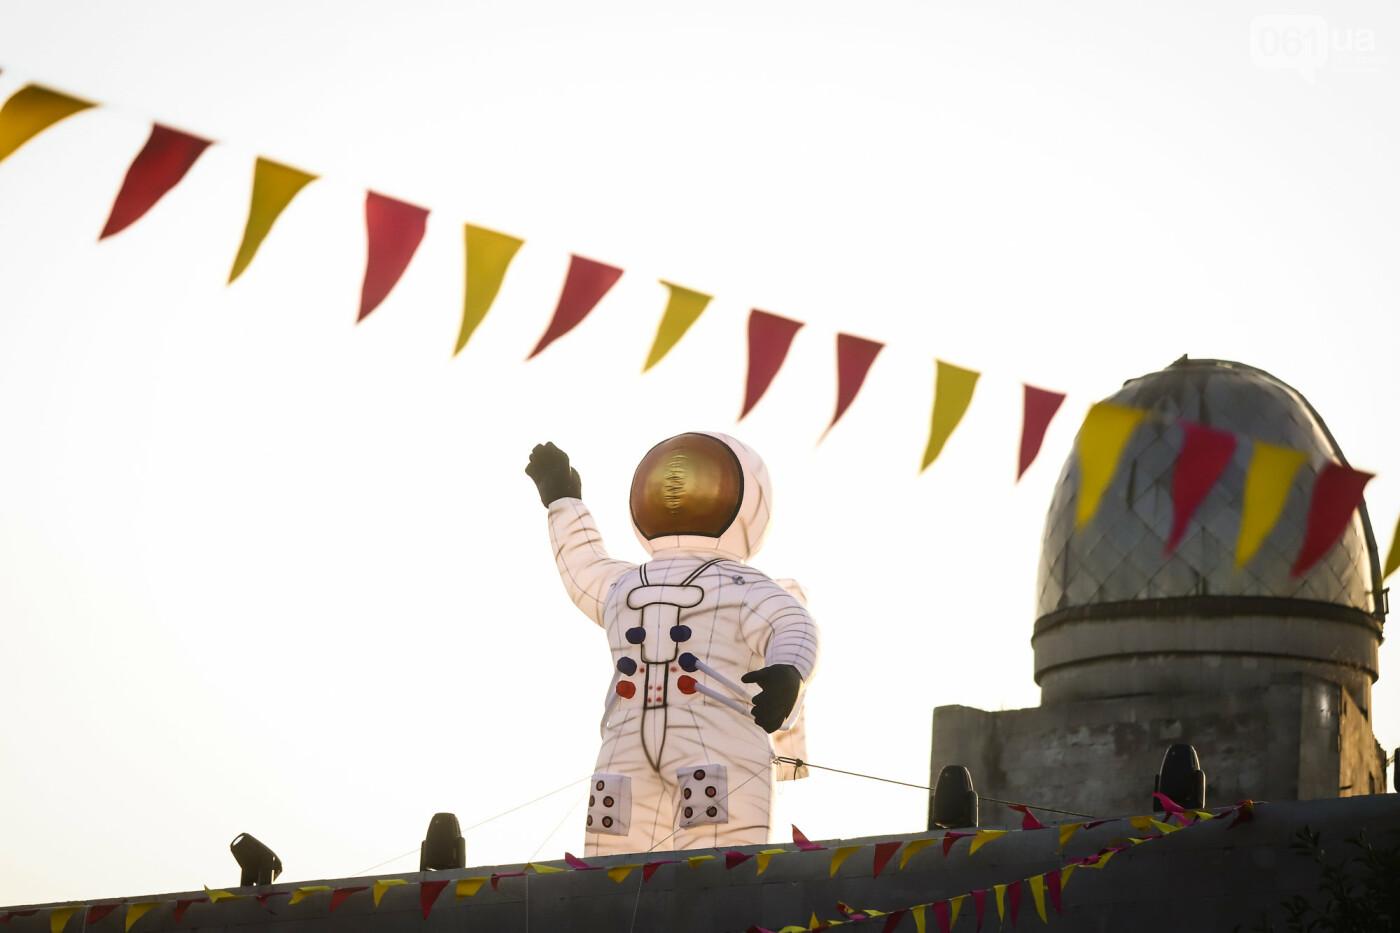 ЛГБТ-прайд, эко-митинг и восстановленные скульптуры в сквере Пионеров: сентябрь в фотографиях , фото-70